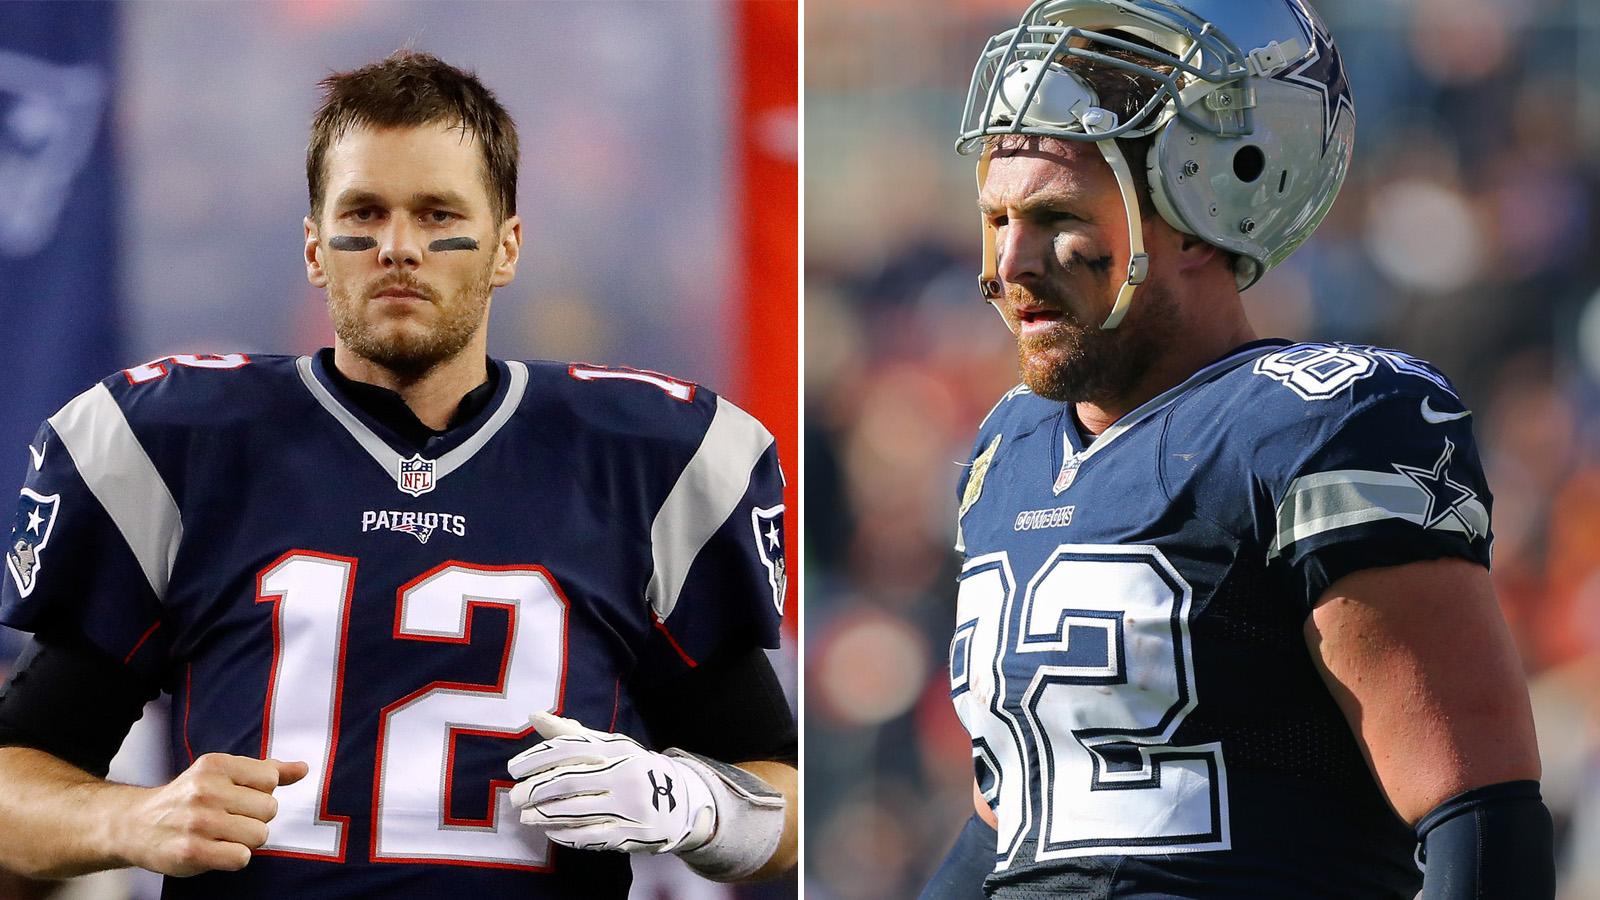 031317-NFL-Tom-Brady-Jason-Witten